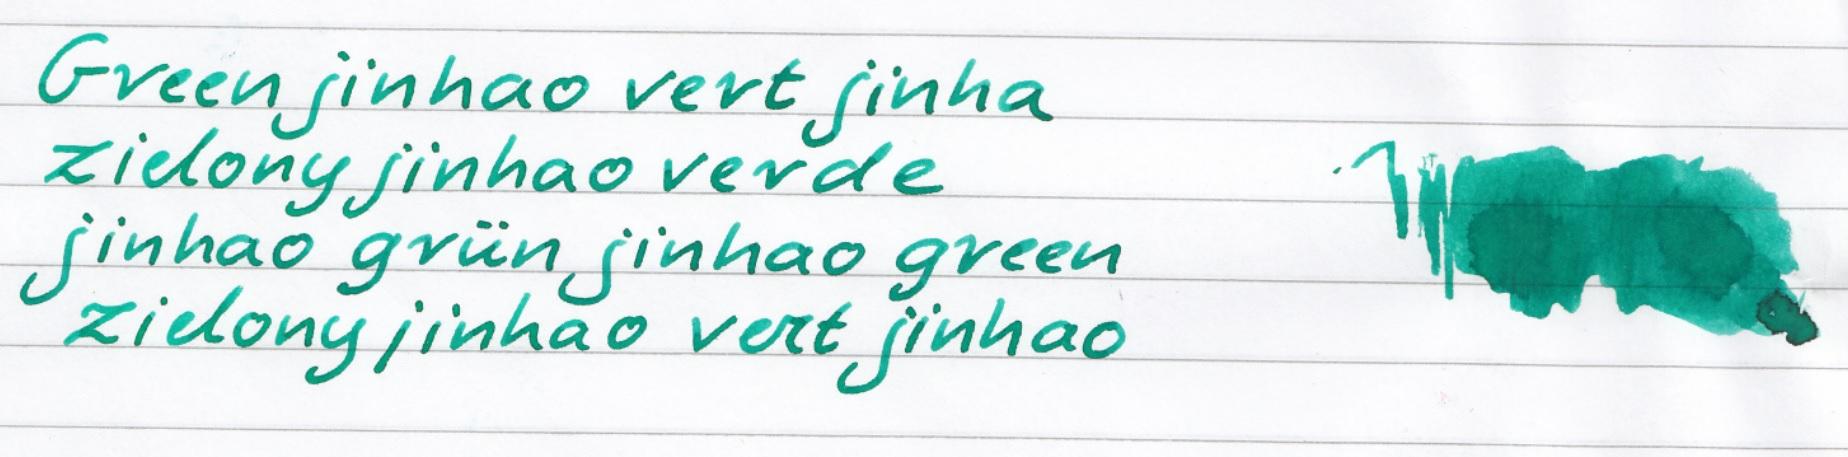 fpn_1455225103__green_jinhao_lyreco_1.jp